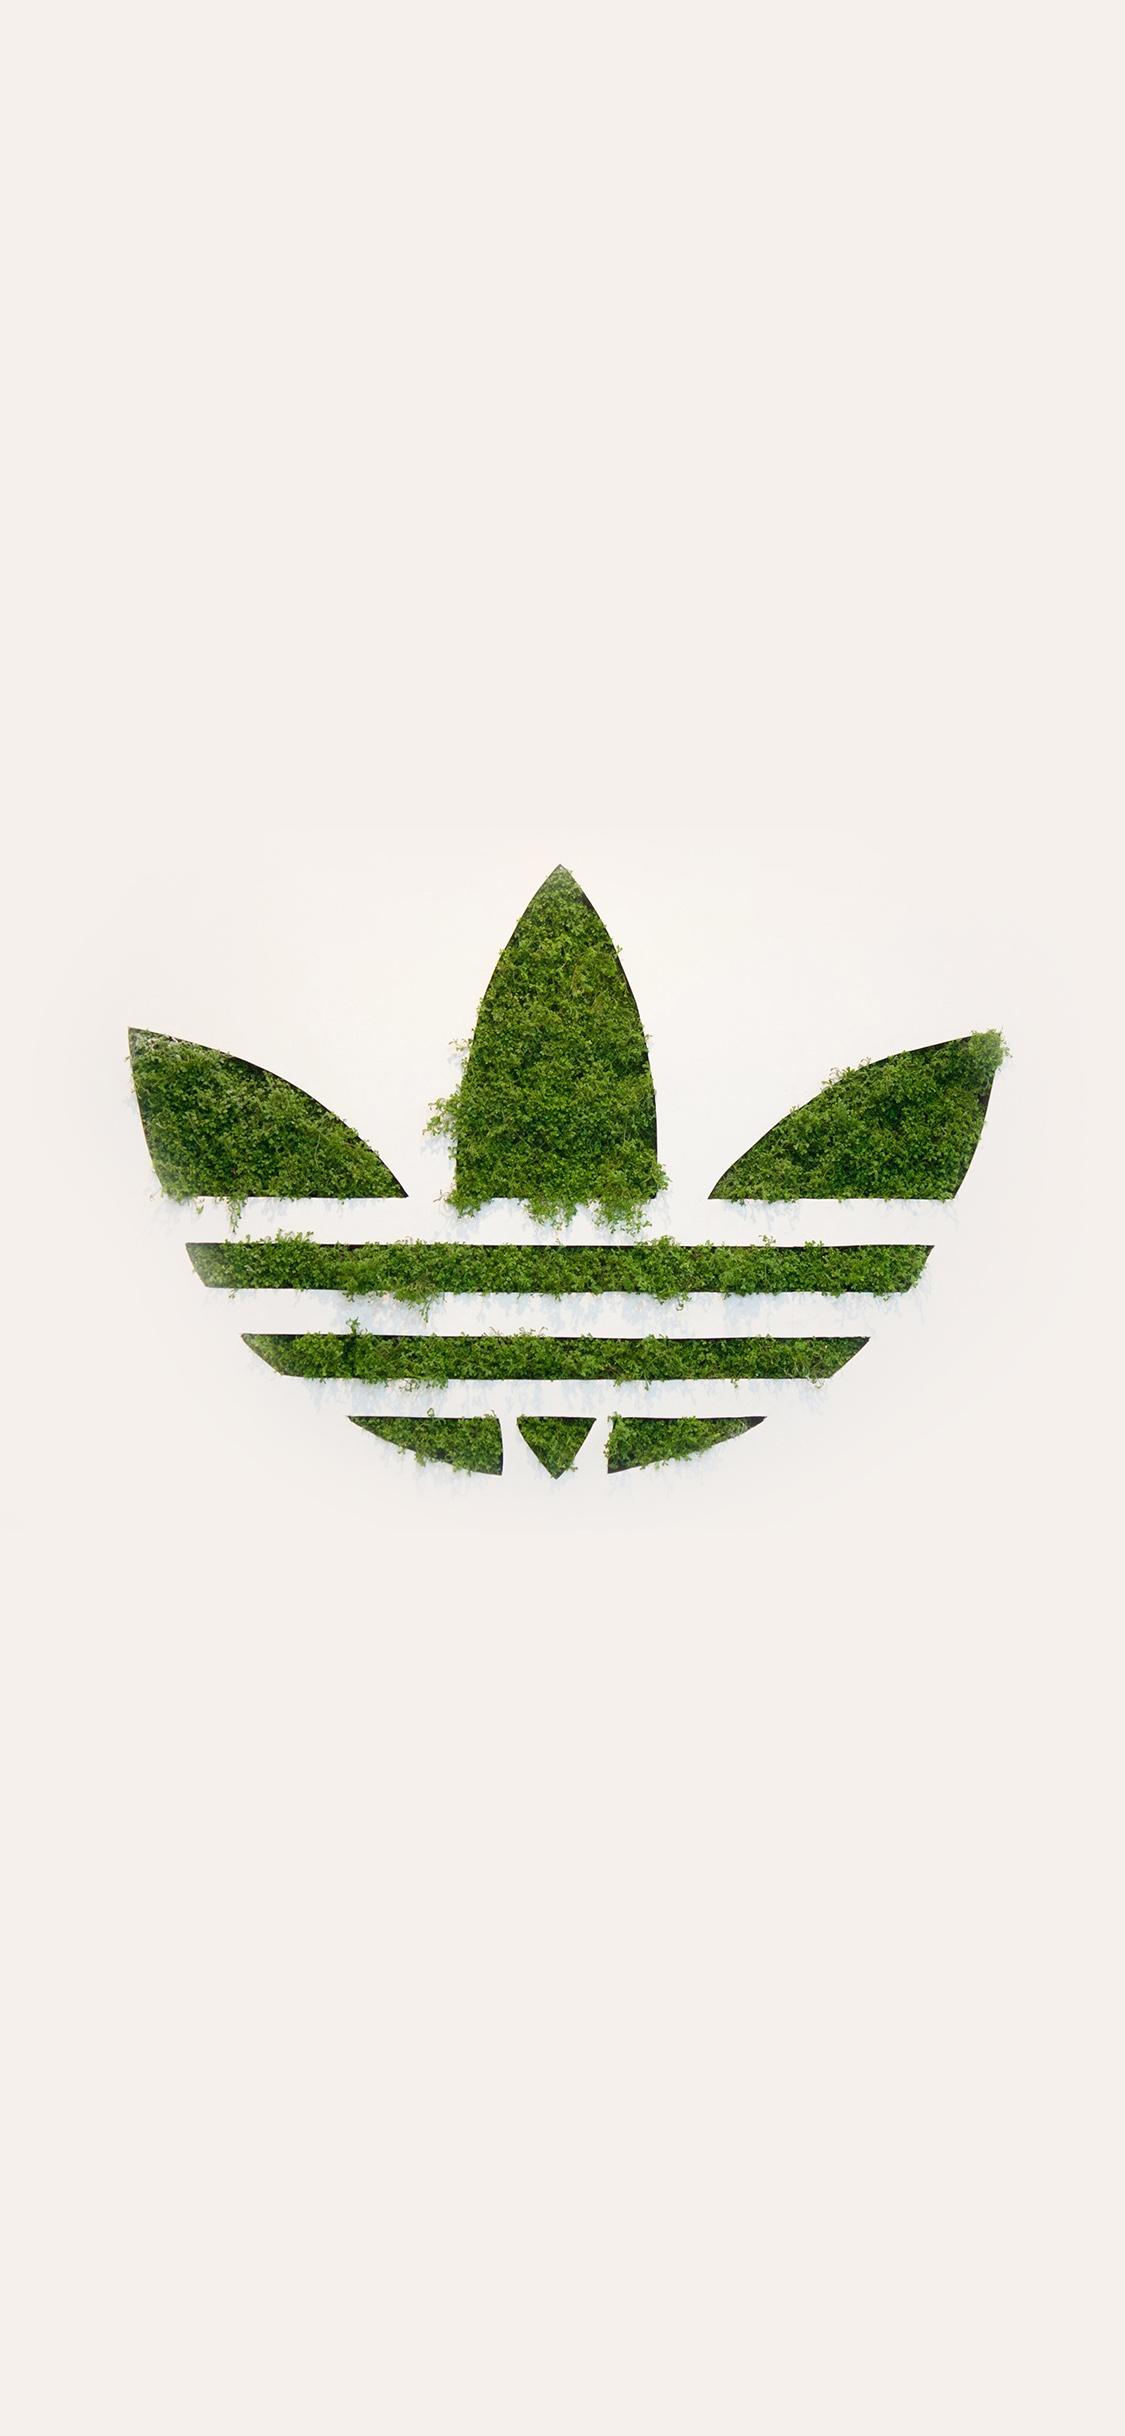 iPhoneXpapers.com-Apple-iPhone-wallpaper-am59-adidas-logo-green-sports-grass-art